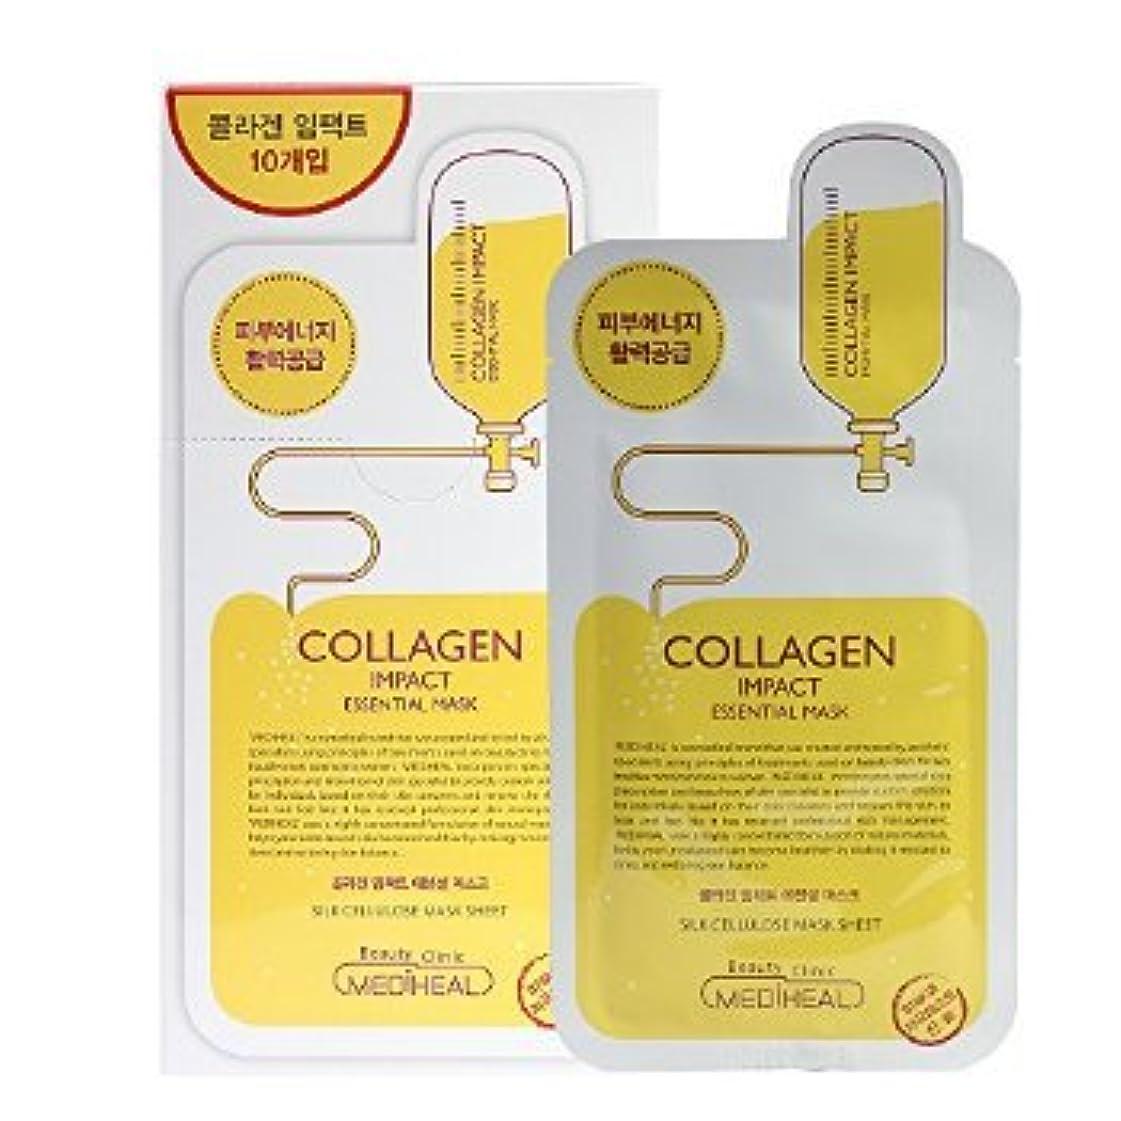 学士耐久光景Korea Mediheal Collagen Impact Essential Mask Pack 1box 10sheet